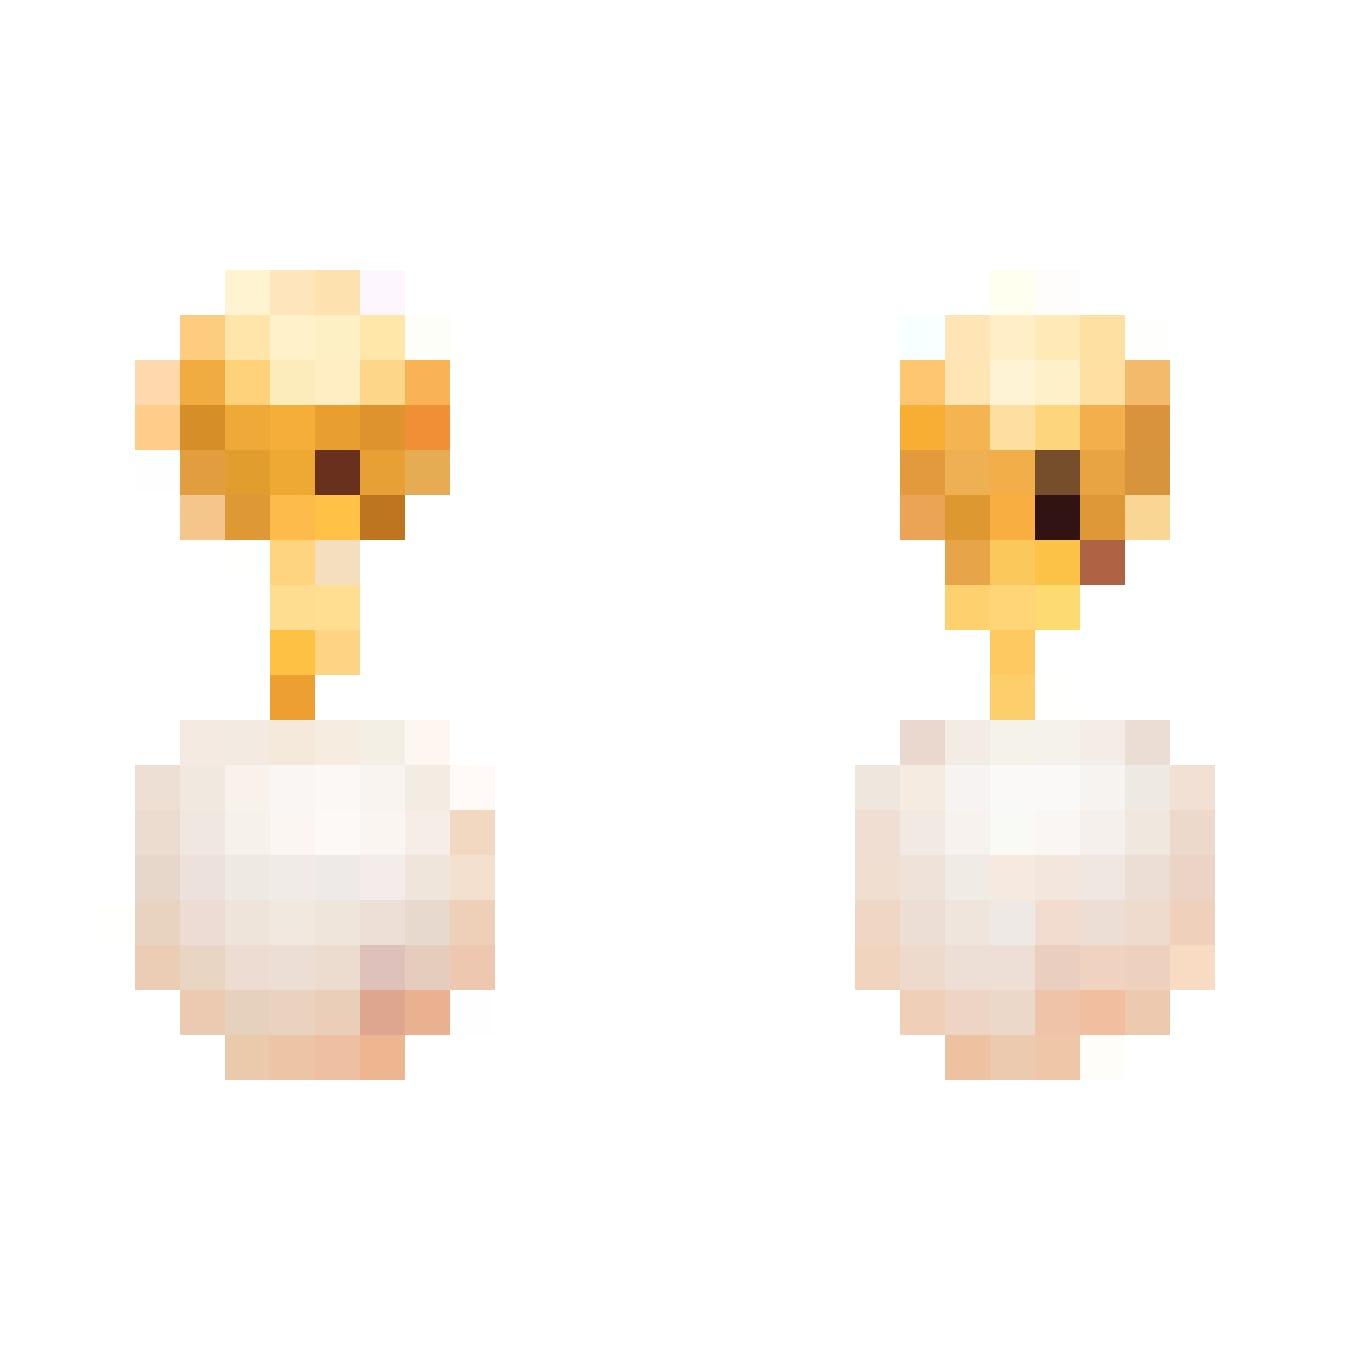 Perlen für deine Perle: Christ Ohrstecker aus 18 Karat Gelbgold mit Süsswasserperlen, Fr. 249.–, bei